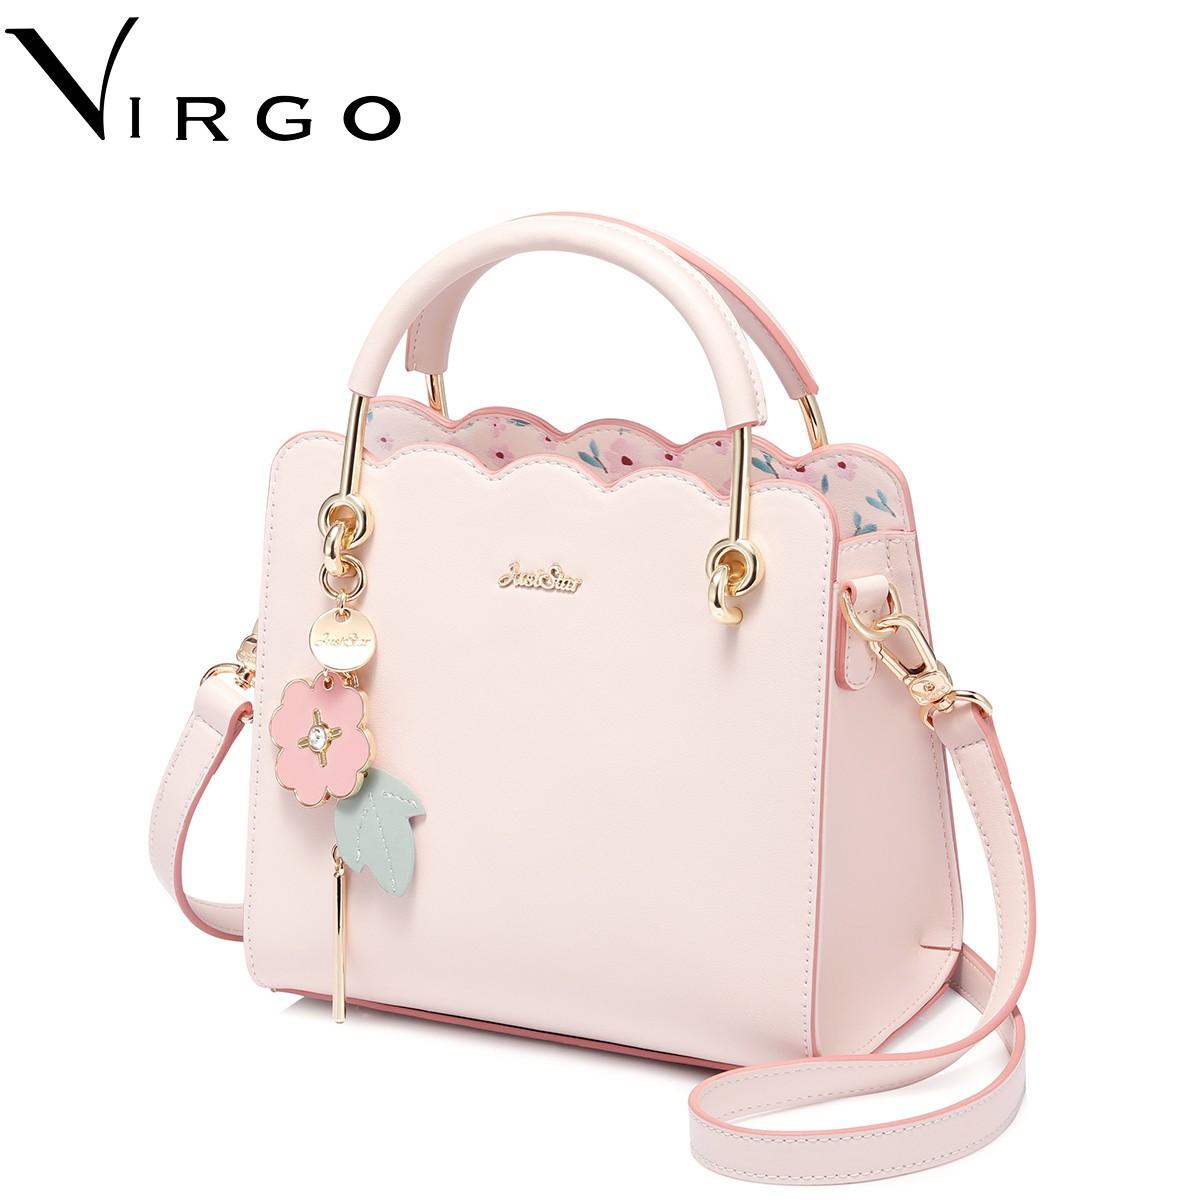 Túi xách thời trang nữ Just Star Virgo VG458